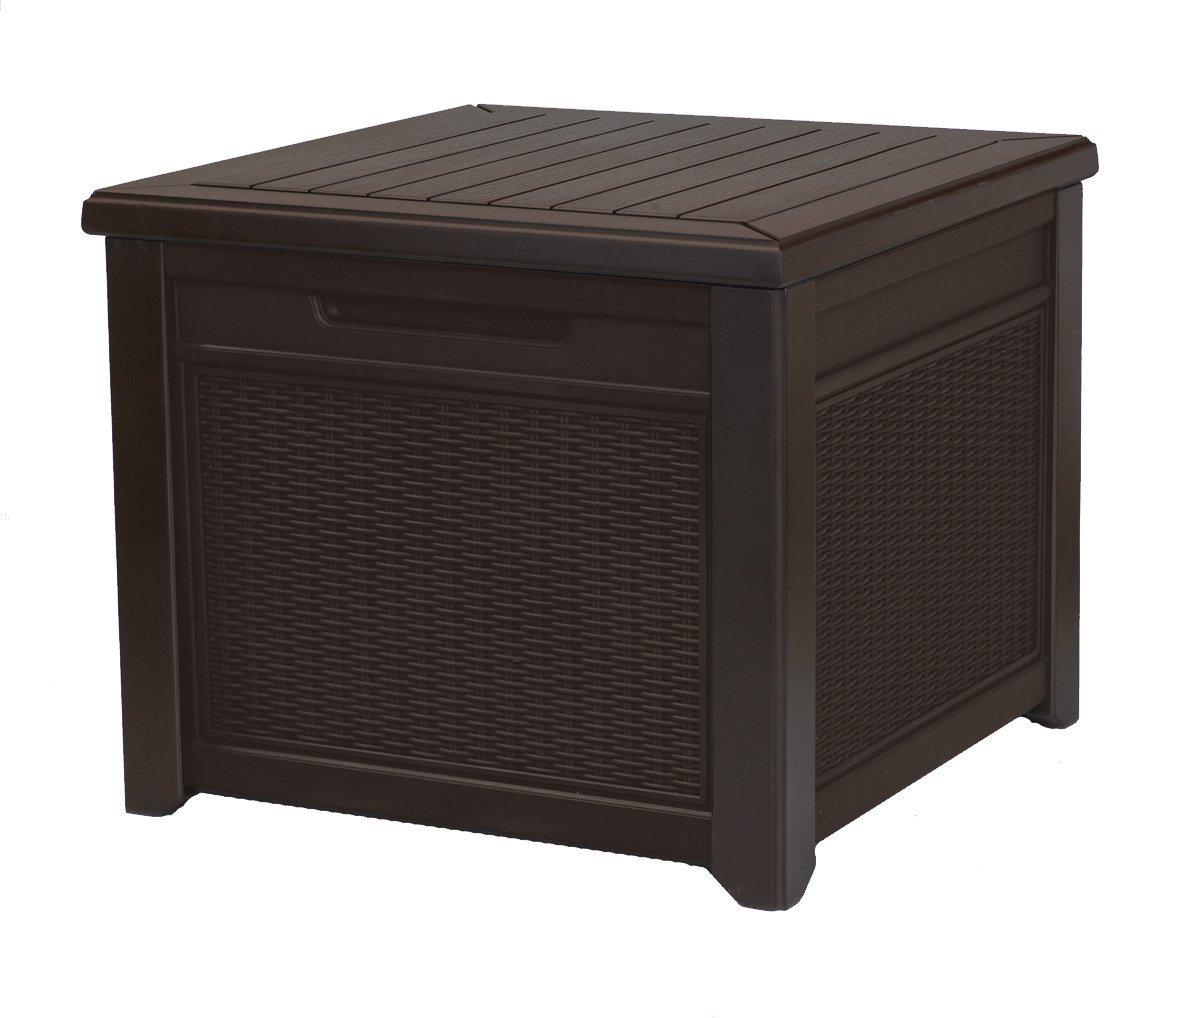 Cubo de almacenamiento Keter 55-gallon para todo tipo de clima al aire libre cubierta caja